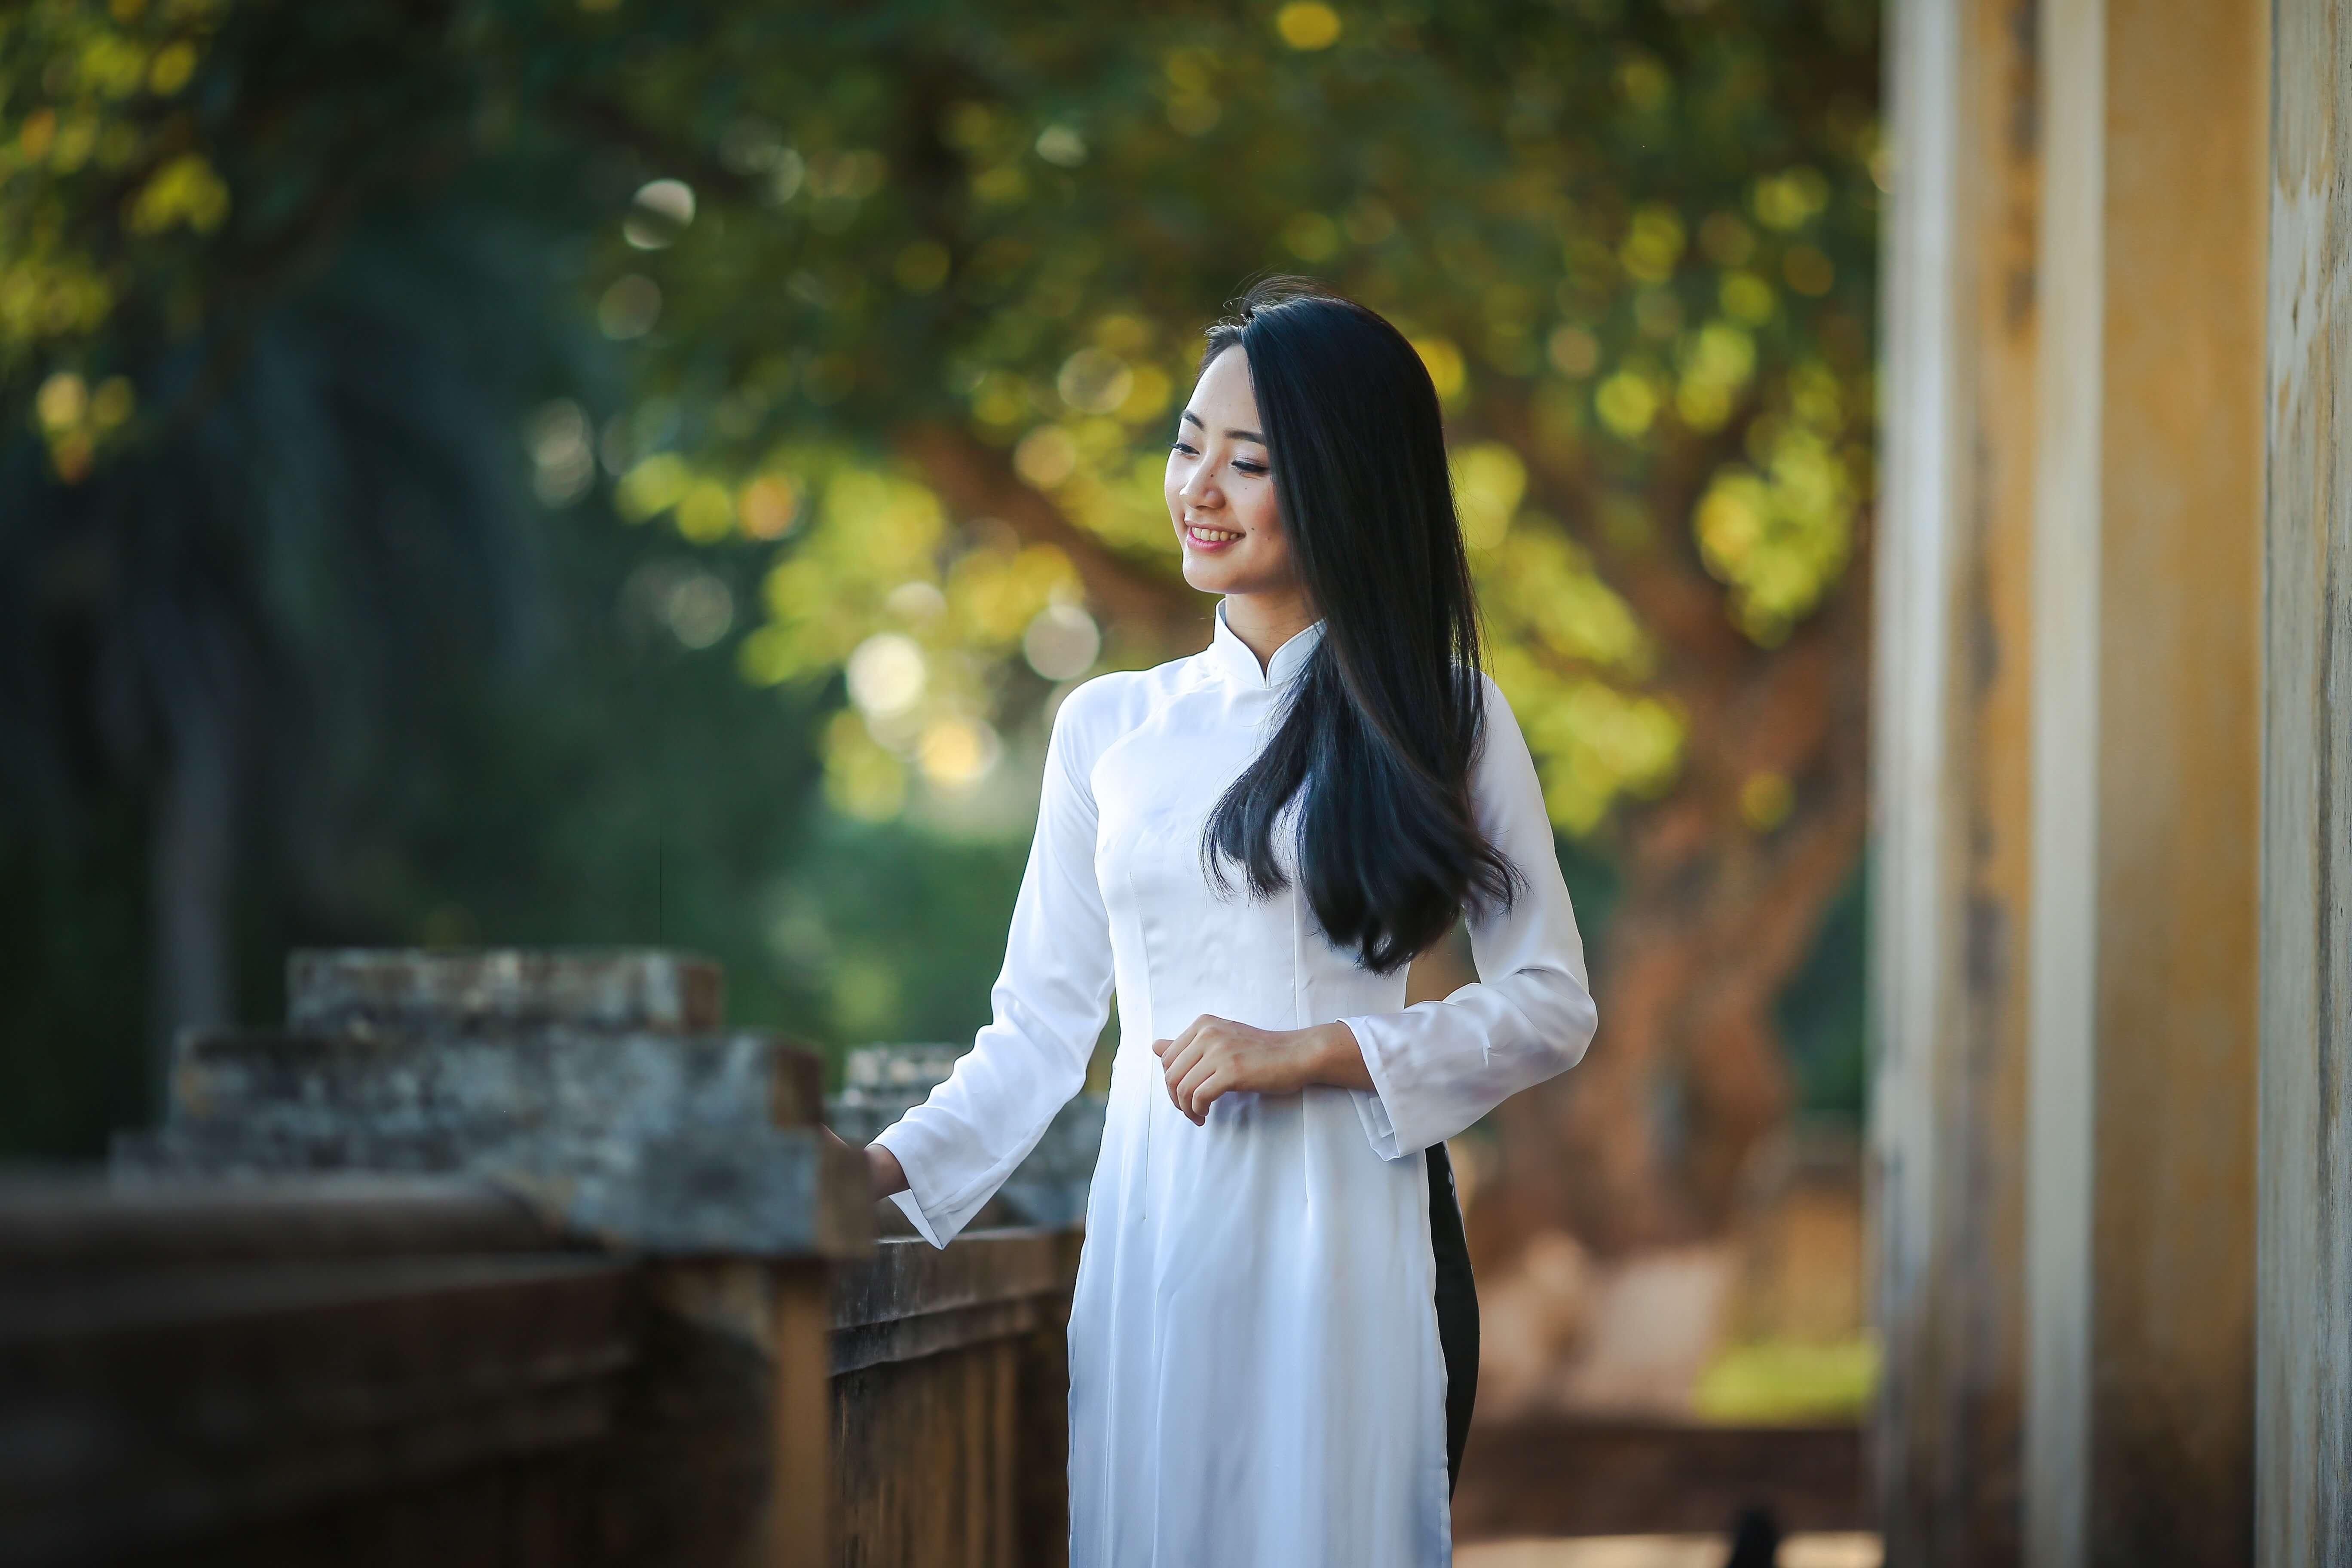 rencontres avec femmes vietnamiennes)